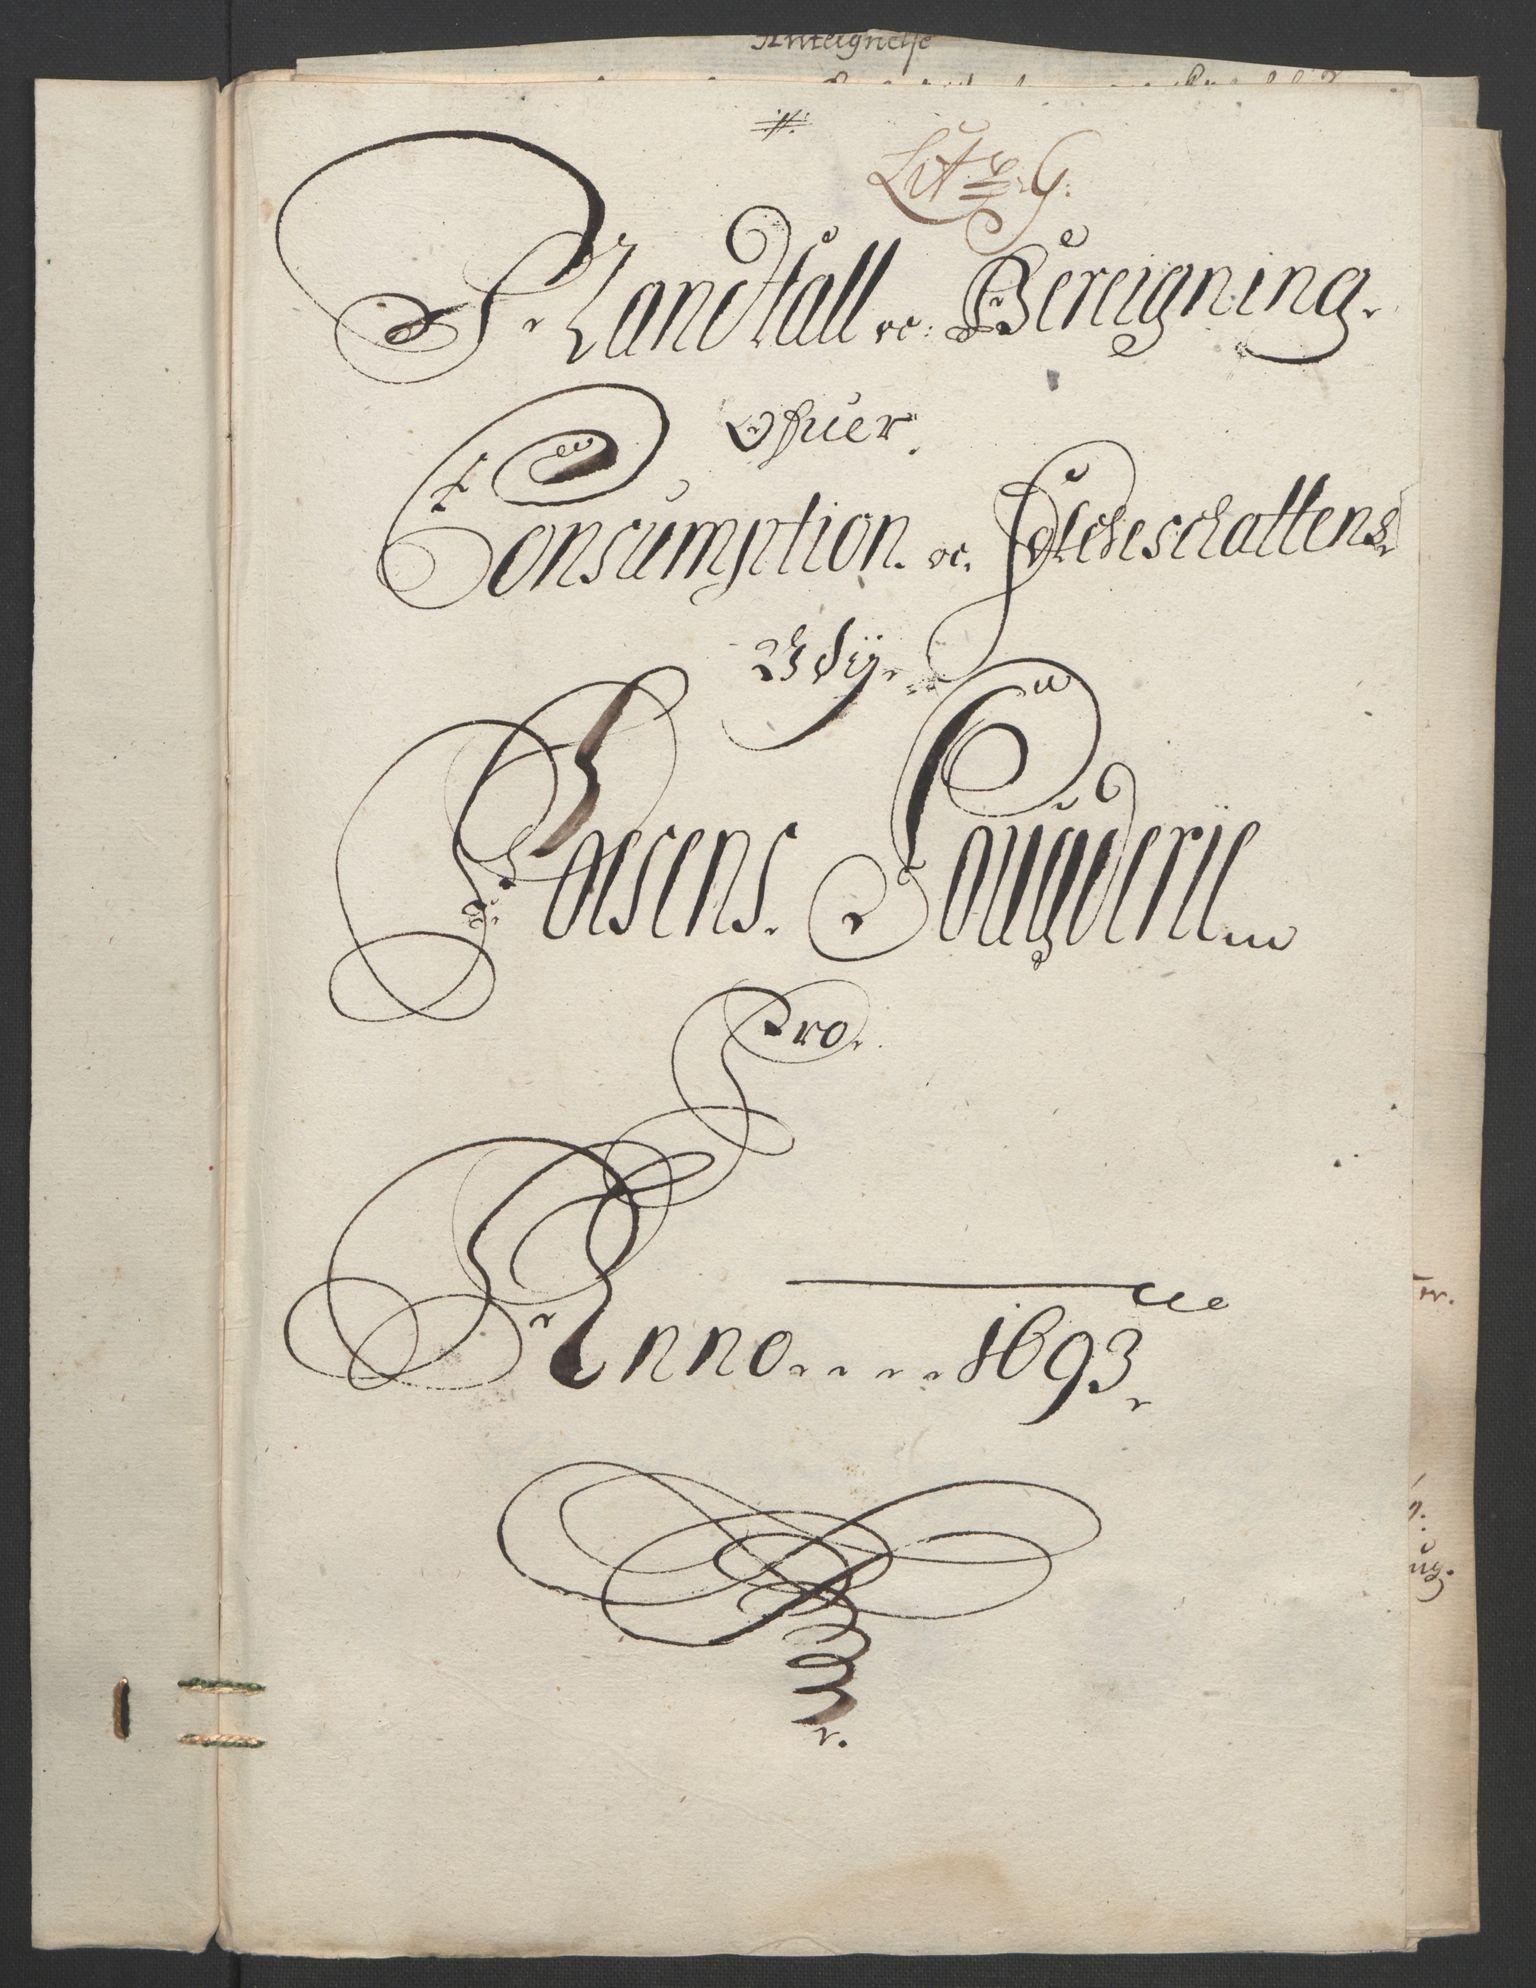 RA, Rentekammeret inntil 1814, Reviderte regnskaper, Fogderegnskap, R57/L3849: Fogderegnskap Fosen, 1692-1693, s. 491